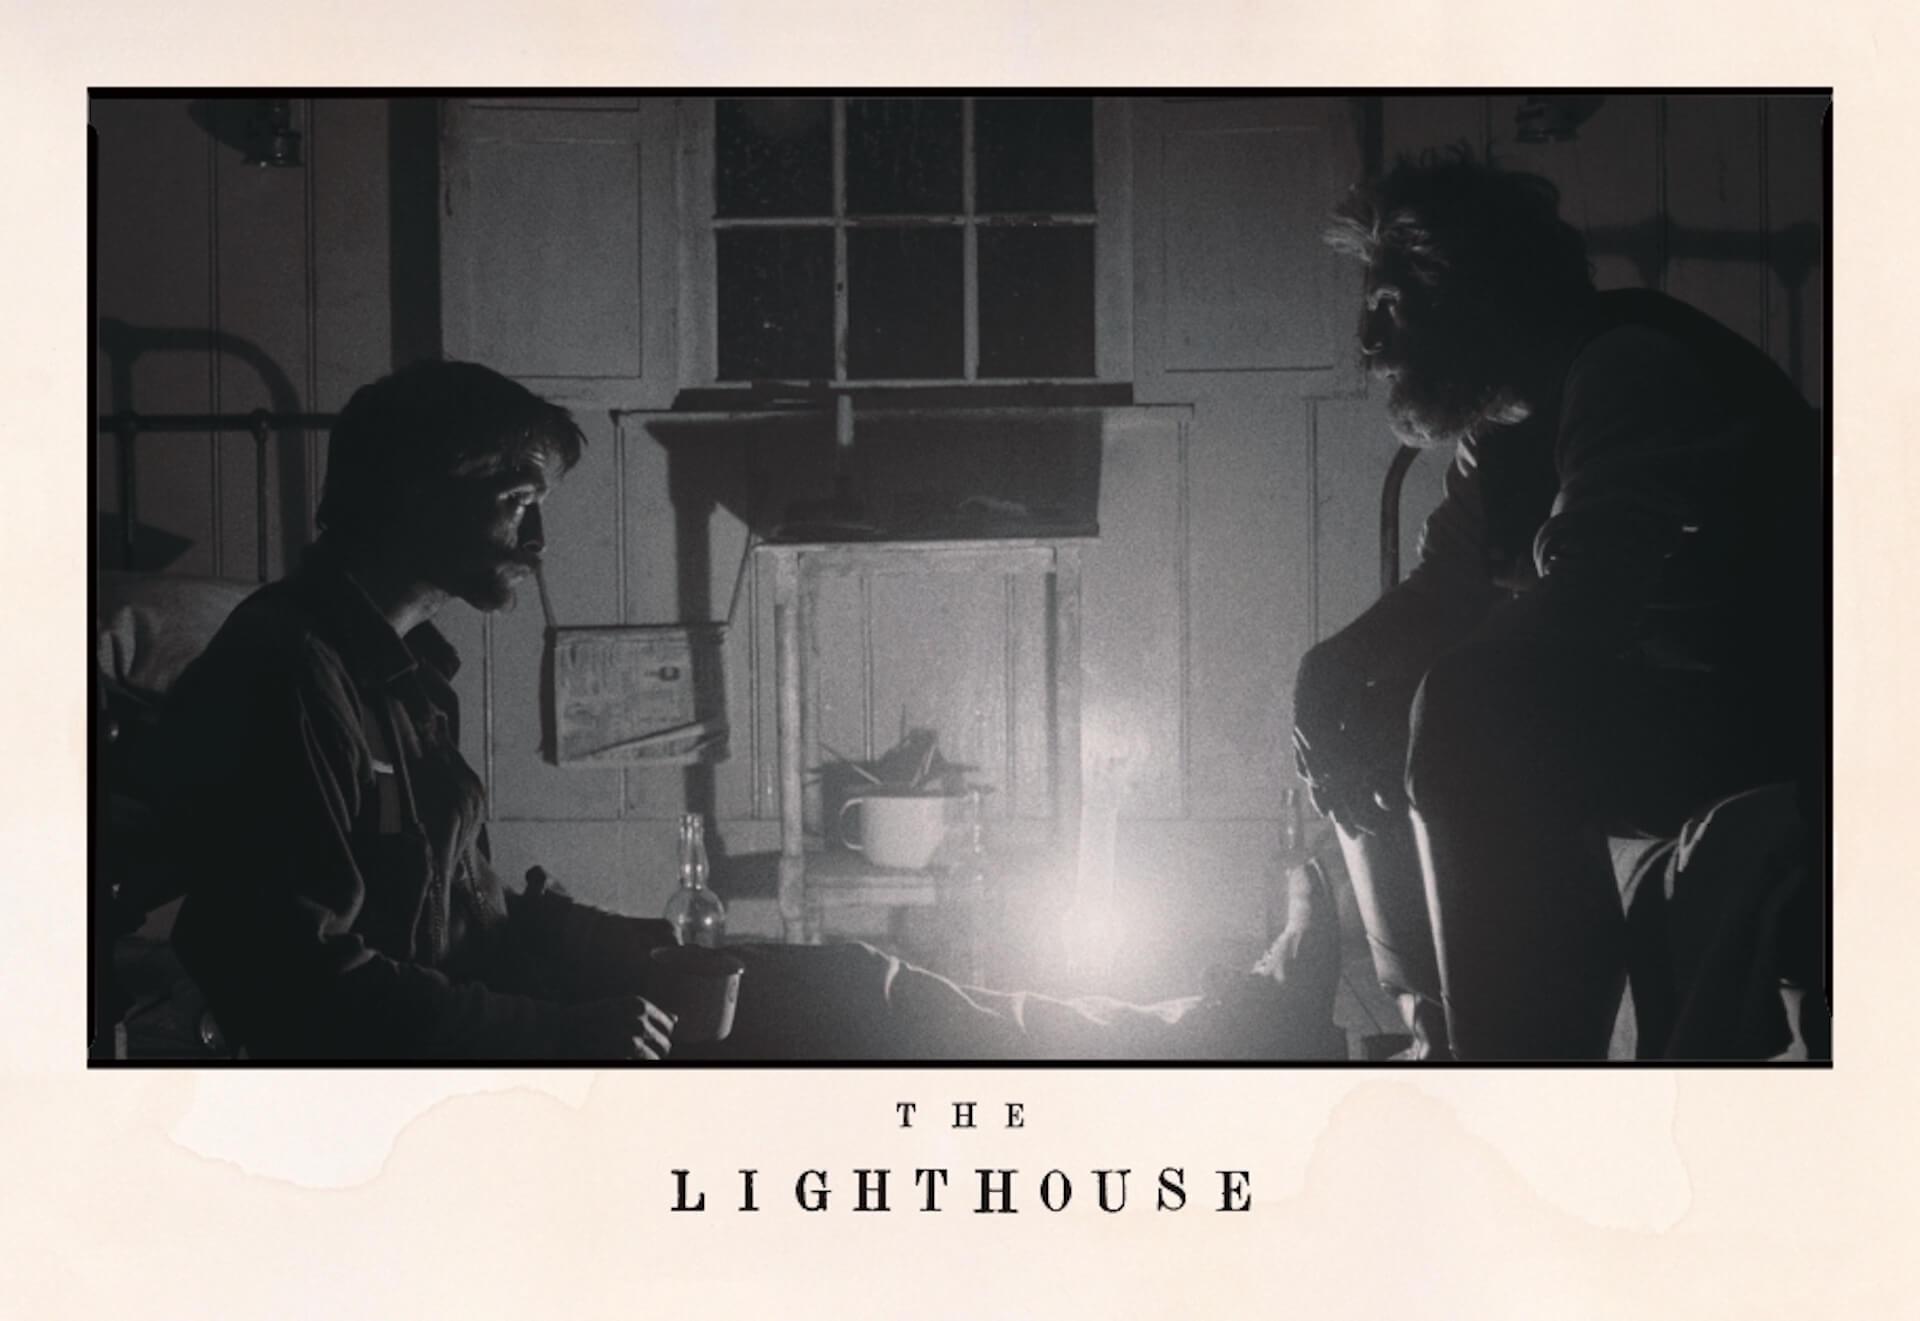 """『ミッドサマー』と『ウィッチ』が再上映決定!<『ライトハウス』公開直前! """"光と影""""のスリラー映画特集上映>実施 film210610_lighthouse_2"""